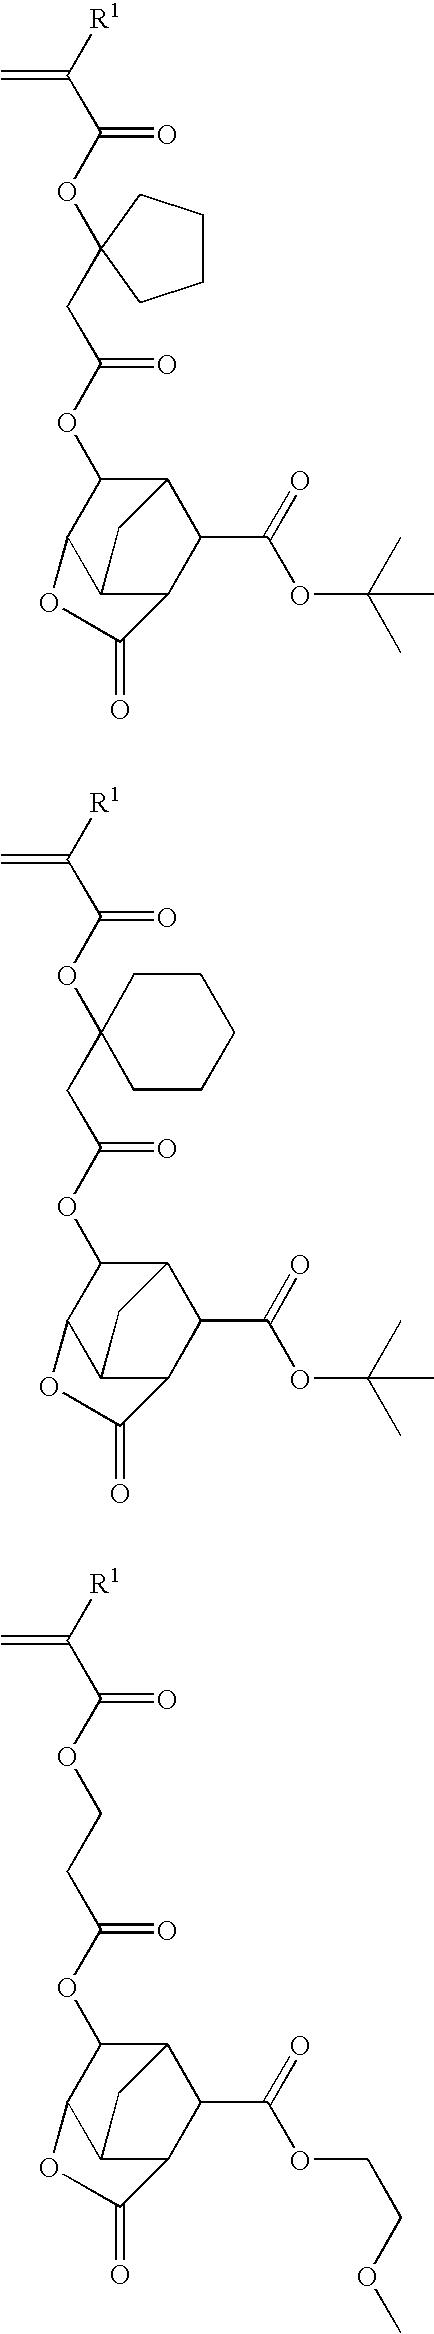 Figure US20080026331A1-20080131-C00019